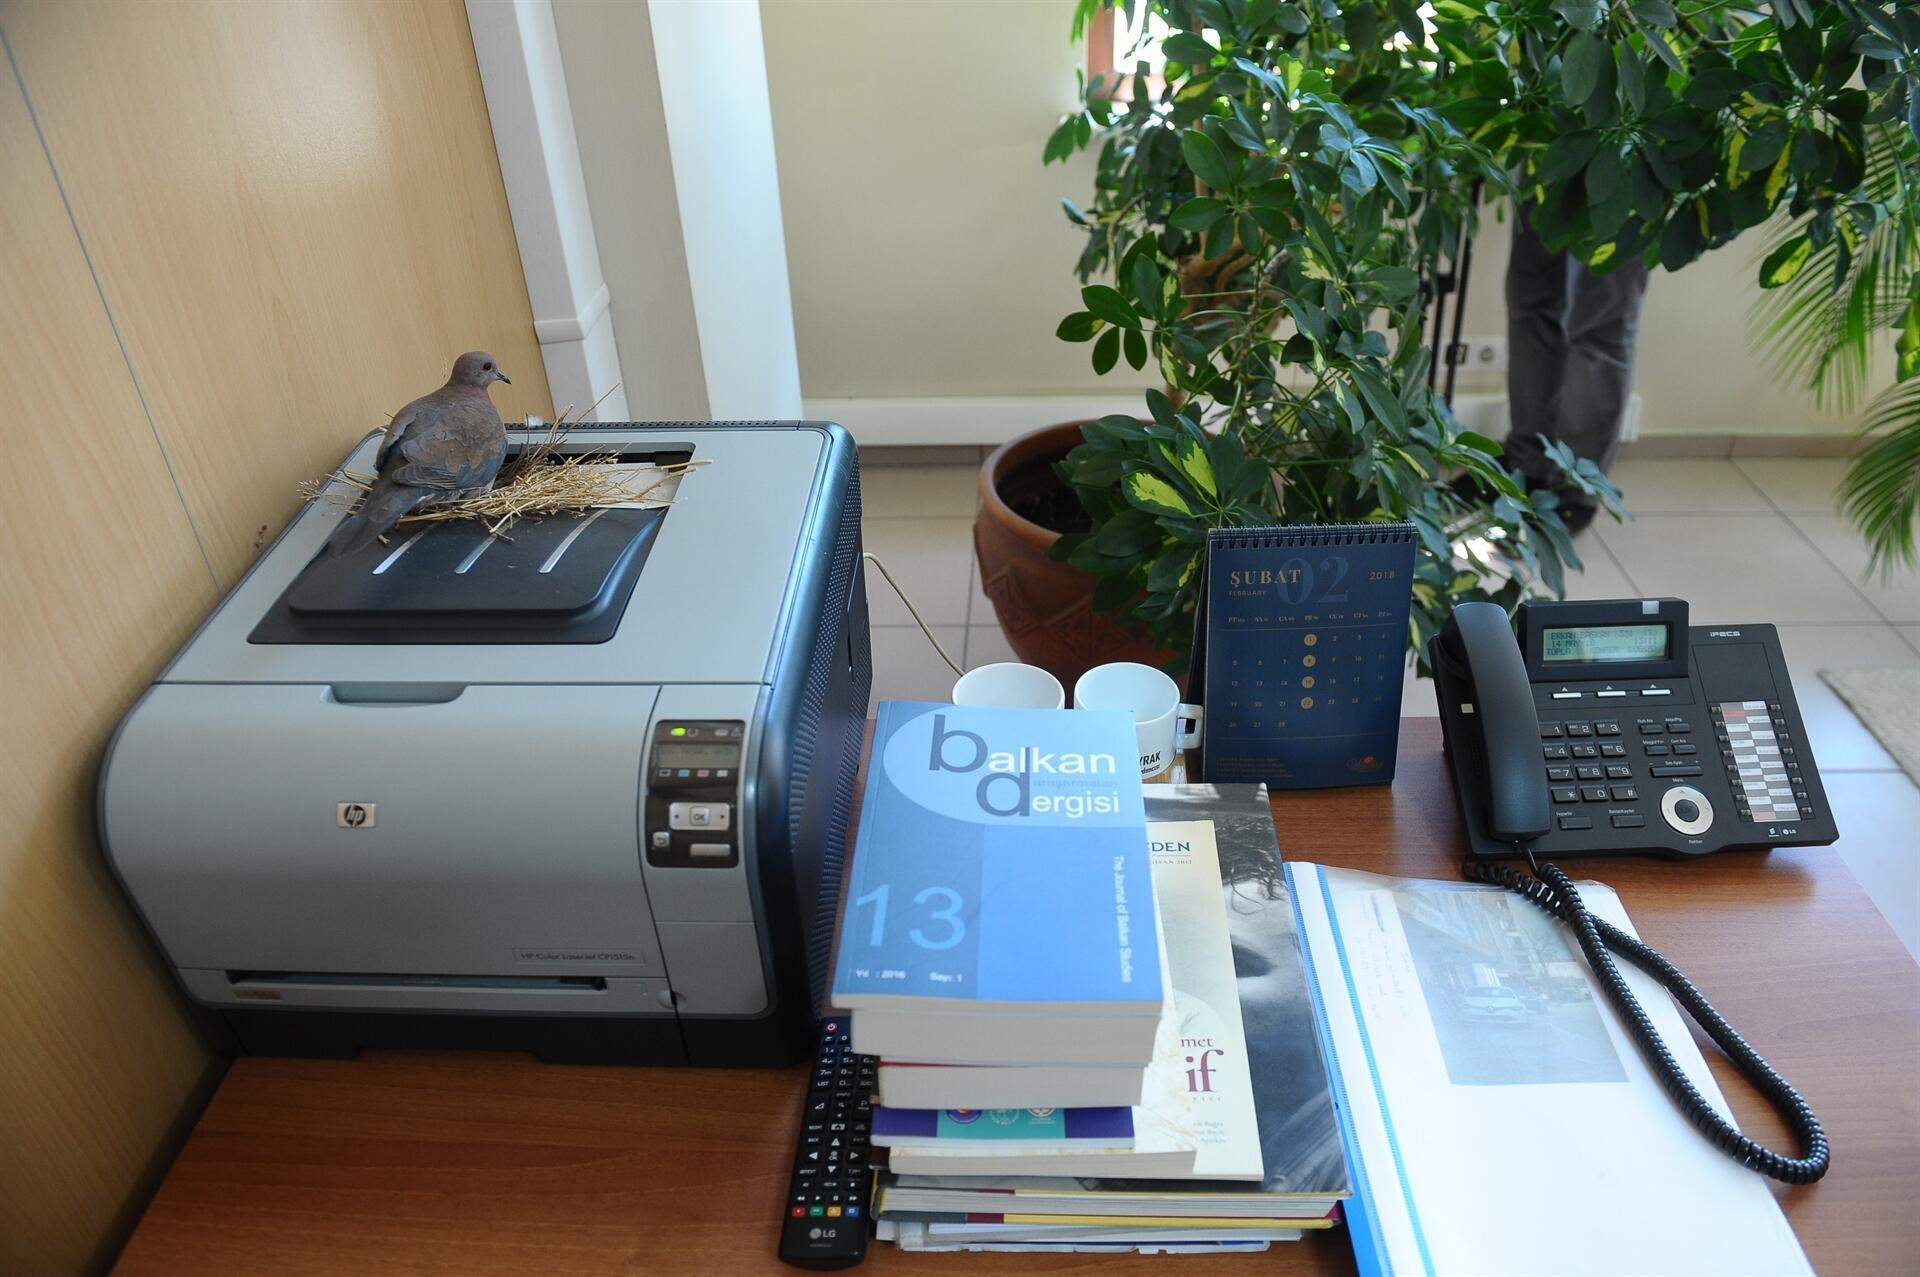 Image result for Doves build nest on printer in Bursa mayor's Office